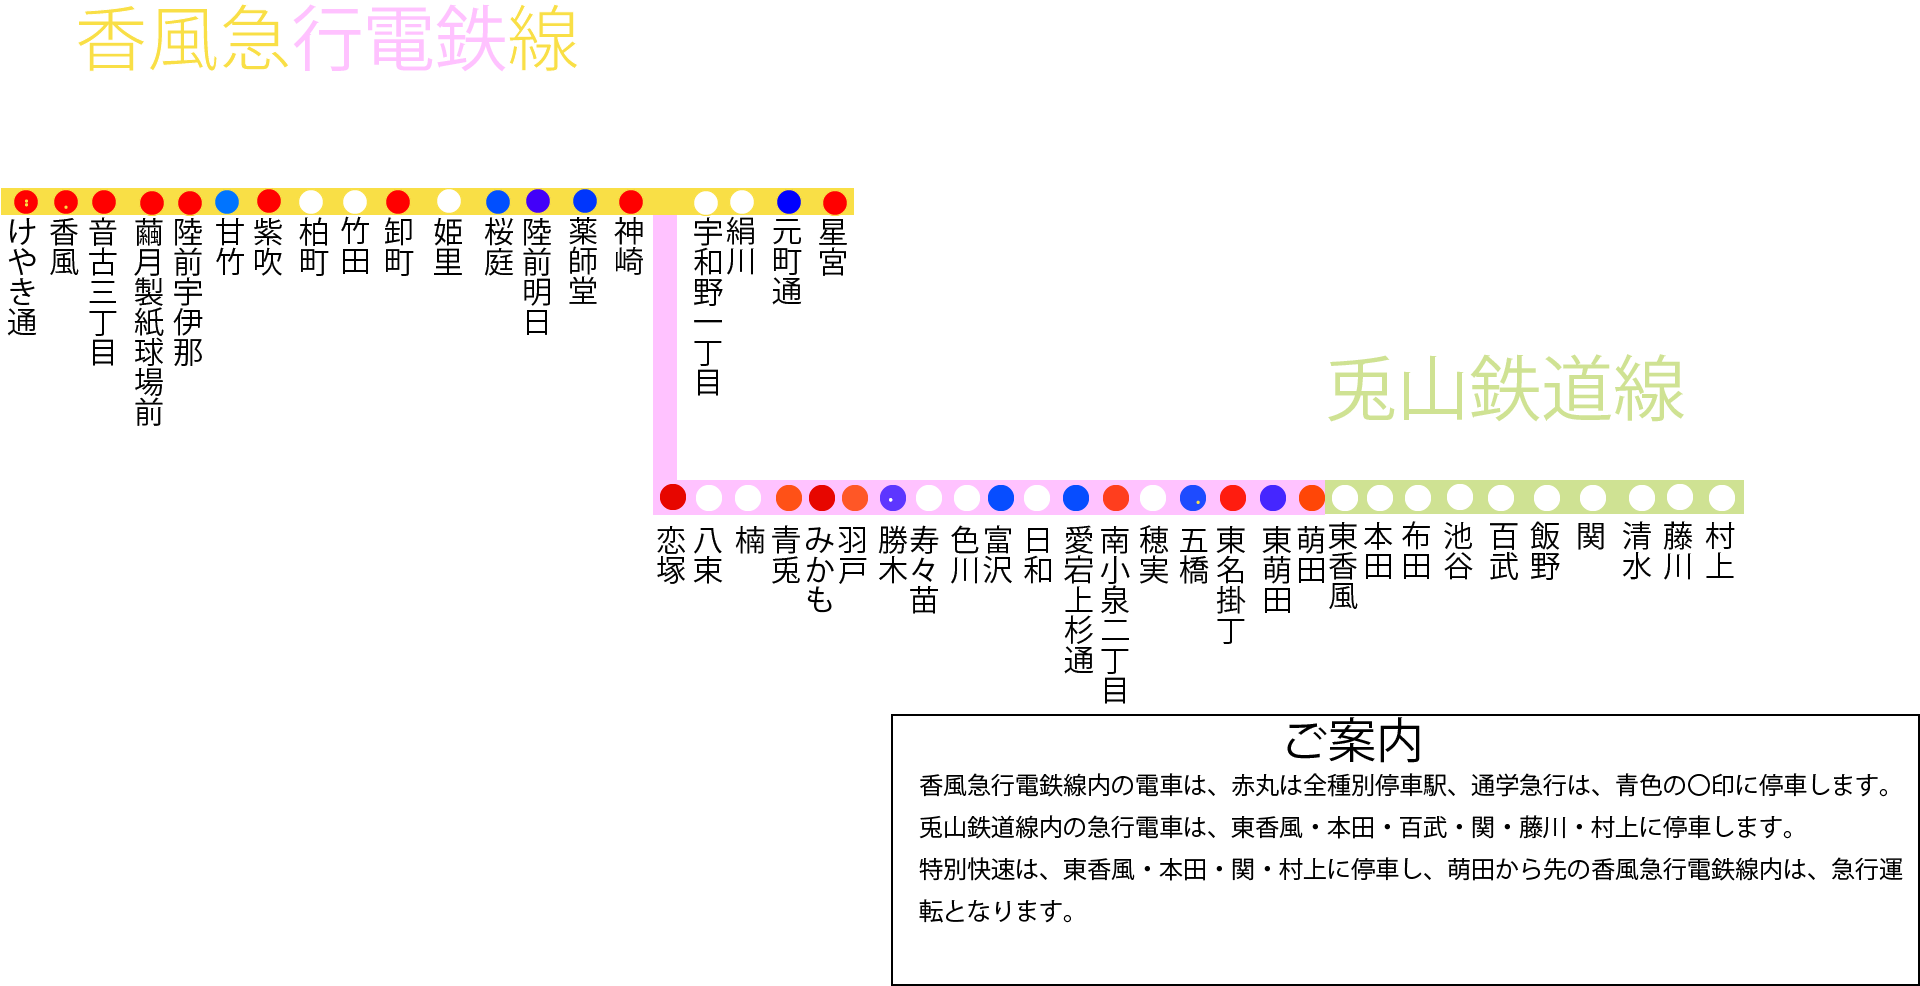 直通路線図_2.png